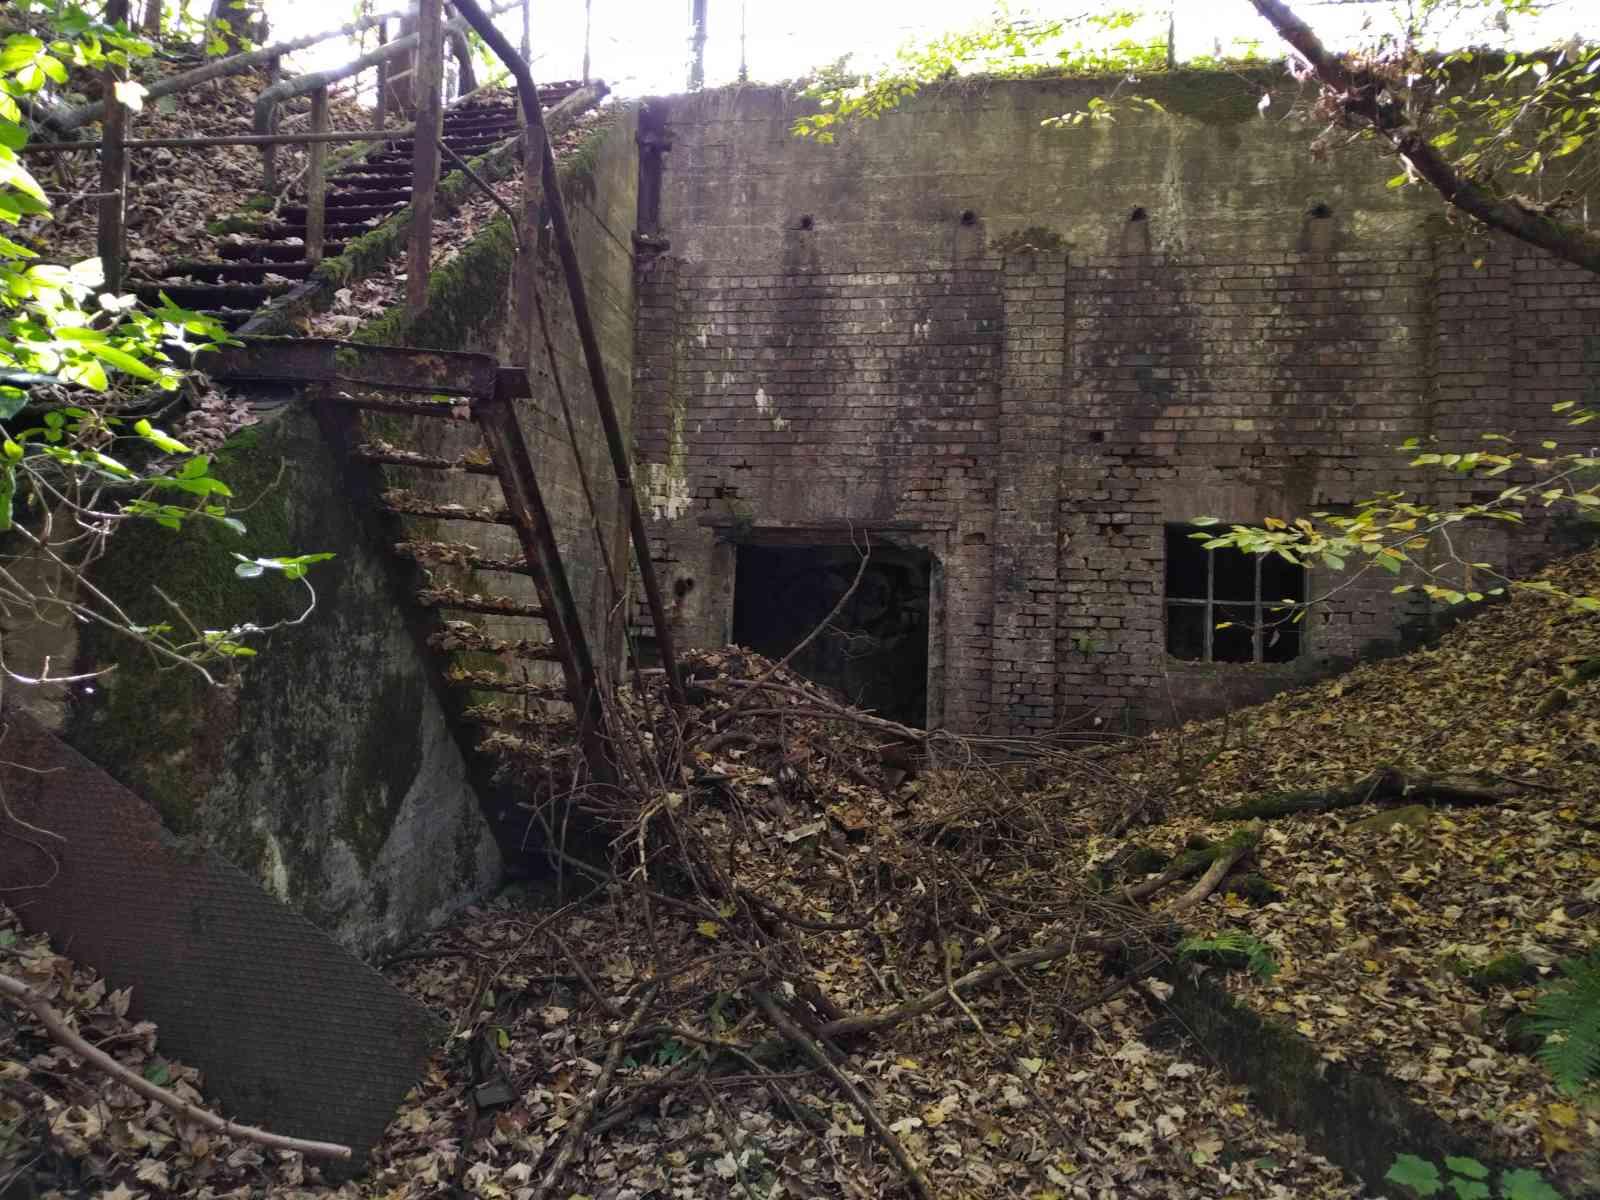 Biber-Suche an der Wuppertalsperre - 2. Lost Place